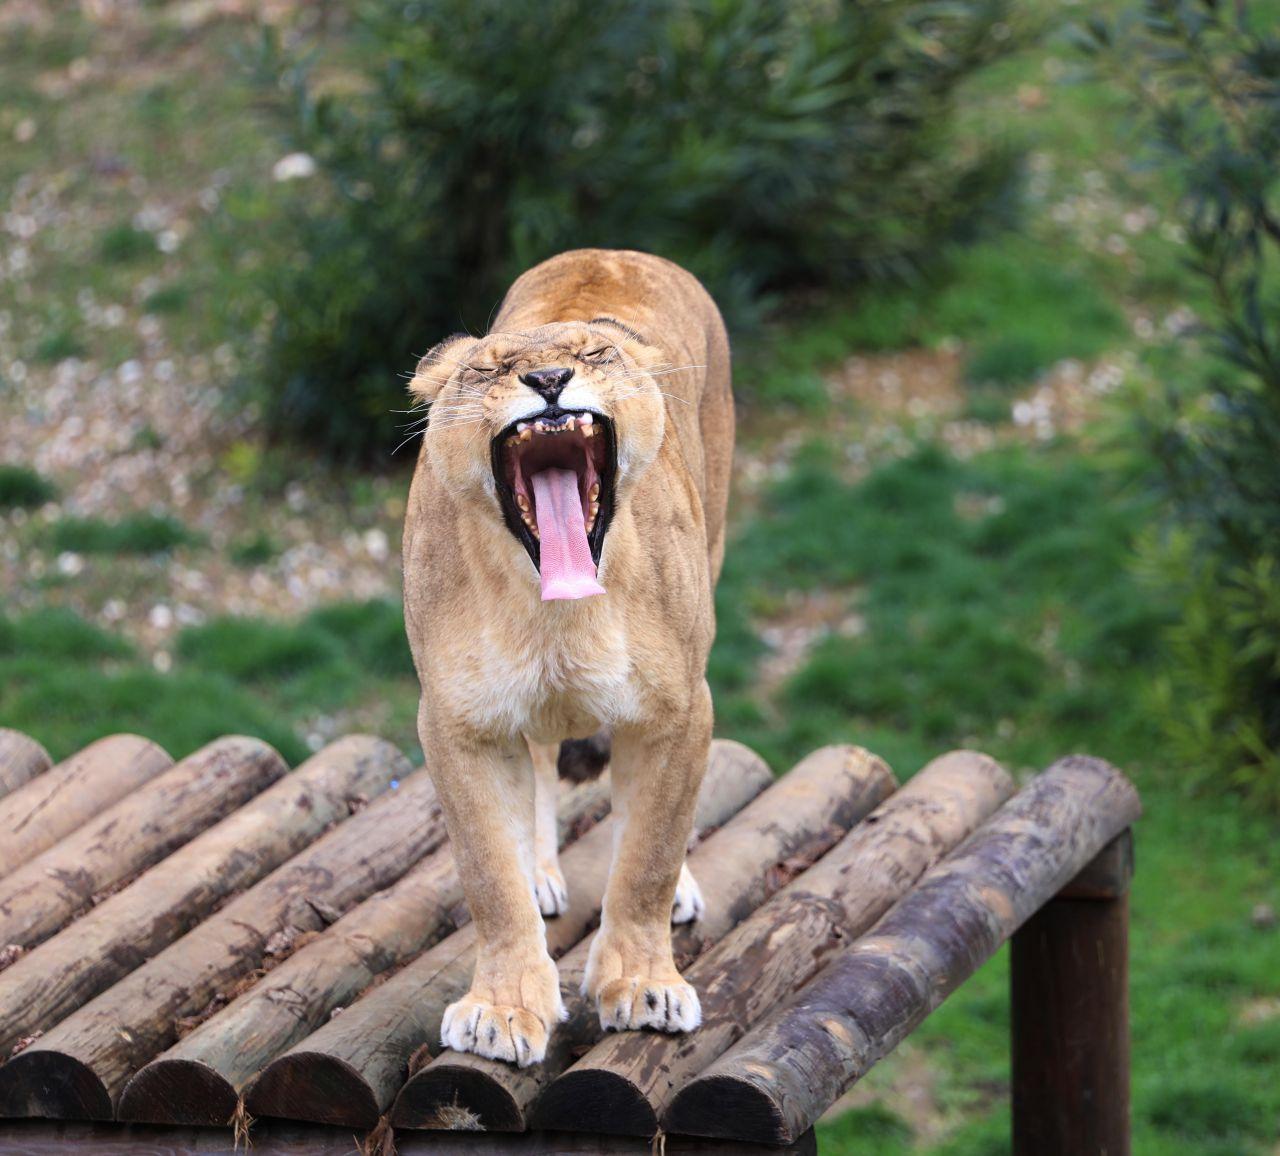 Cumhurbaşkanı Erdoğan'a 2 yıl önce hediye edilen aslanlar bakın ne oldu! - Sayfa 2